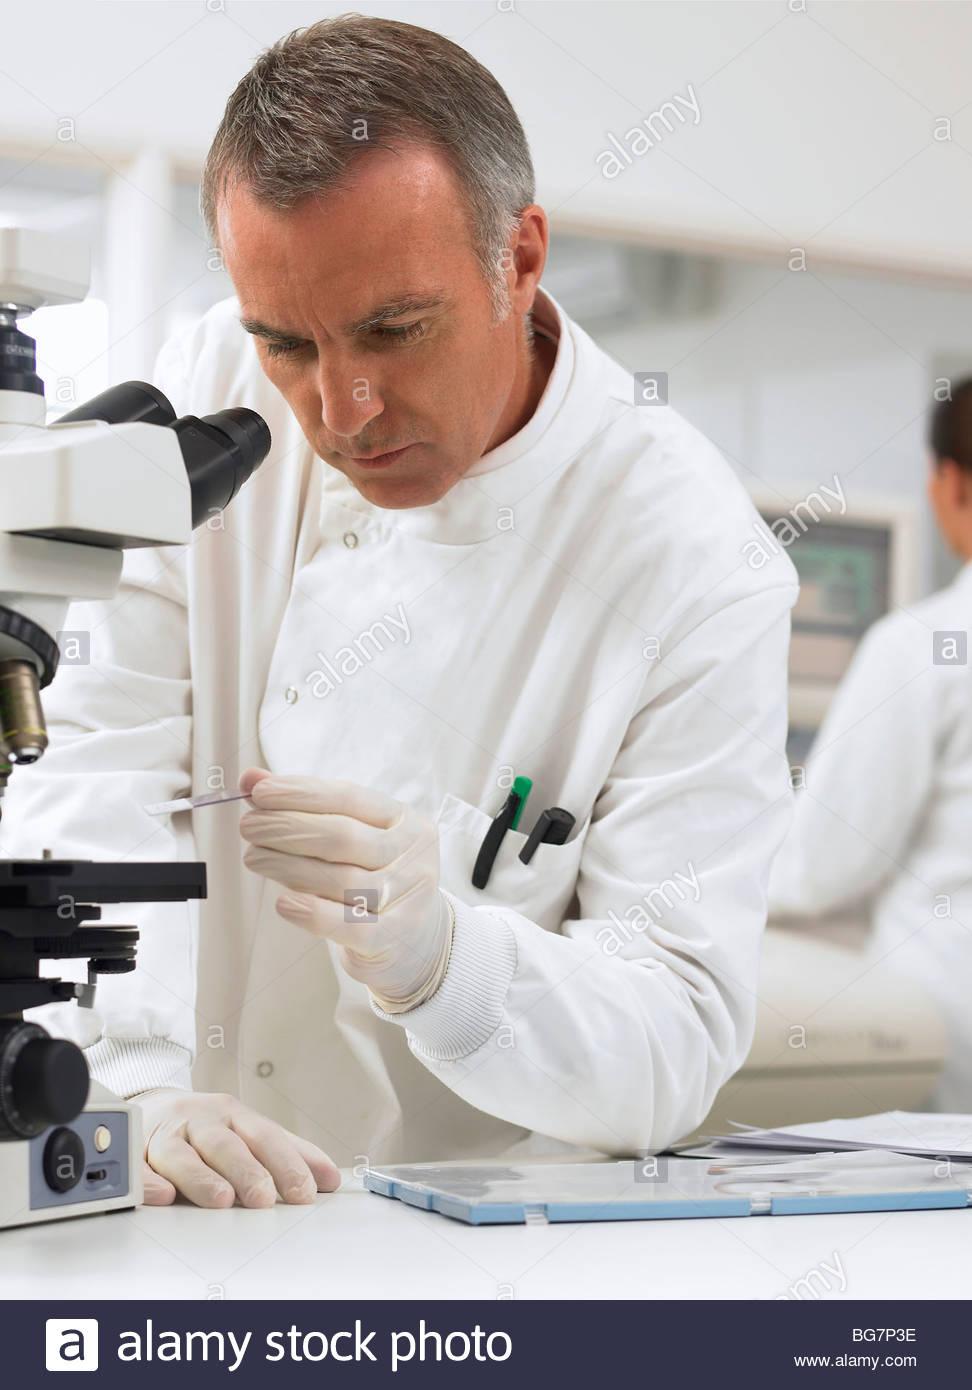 Scientist using microscope in laboratory Photo Stock